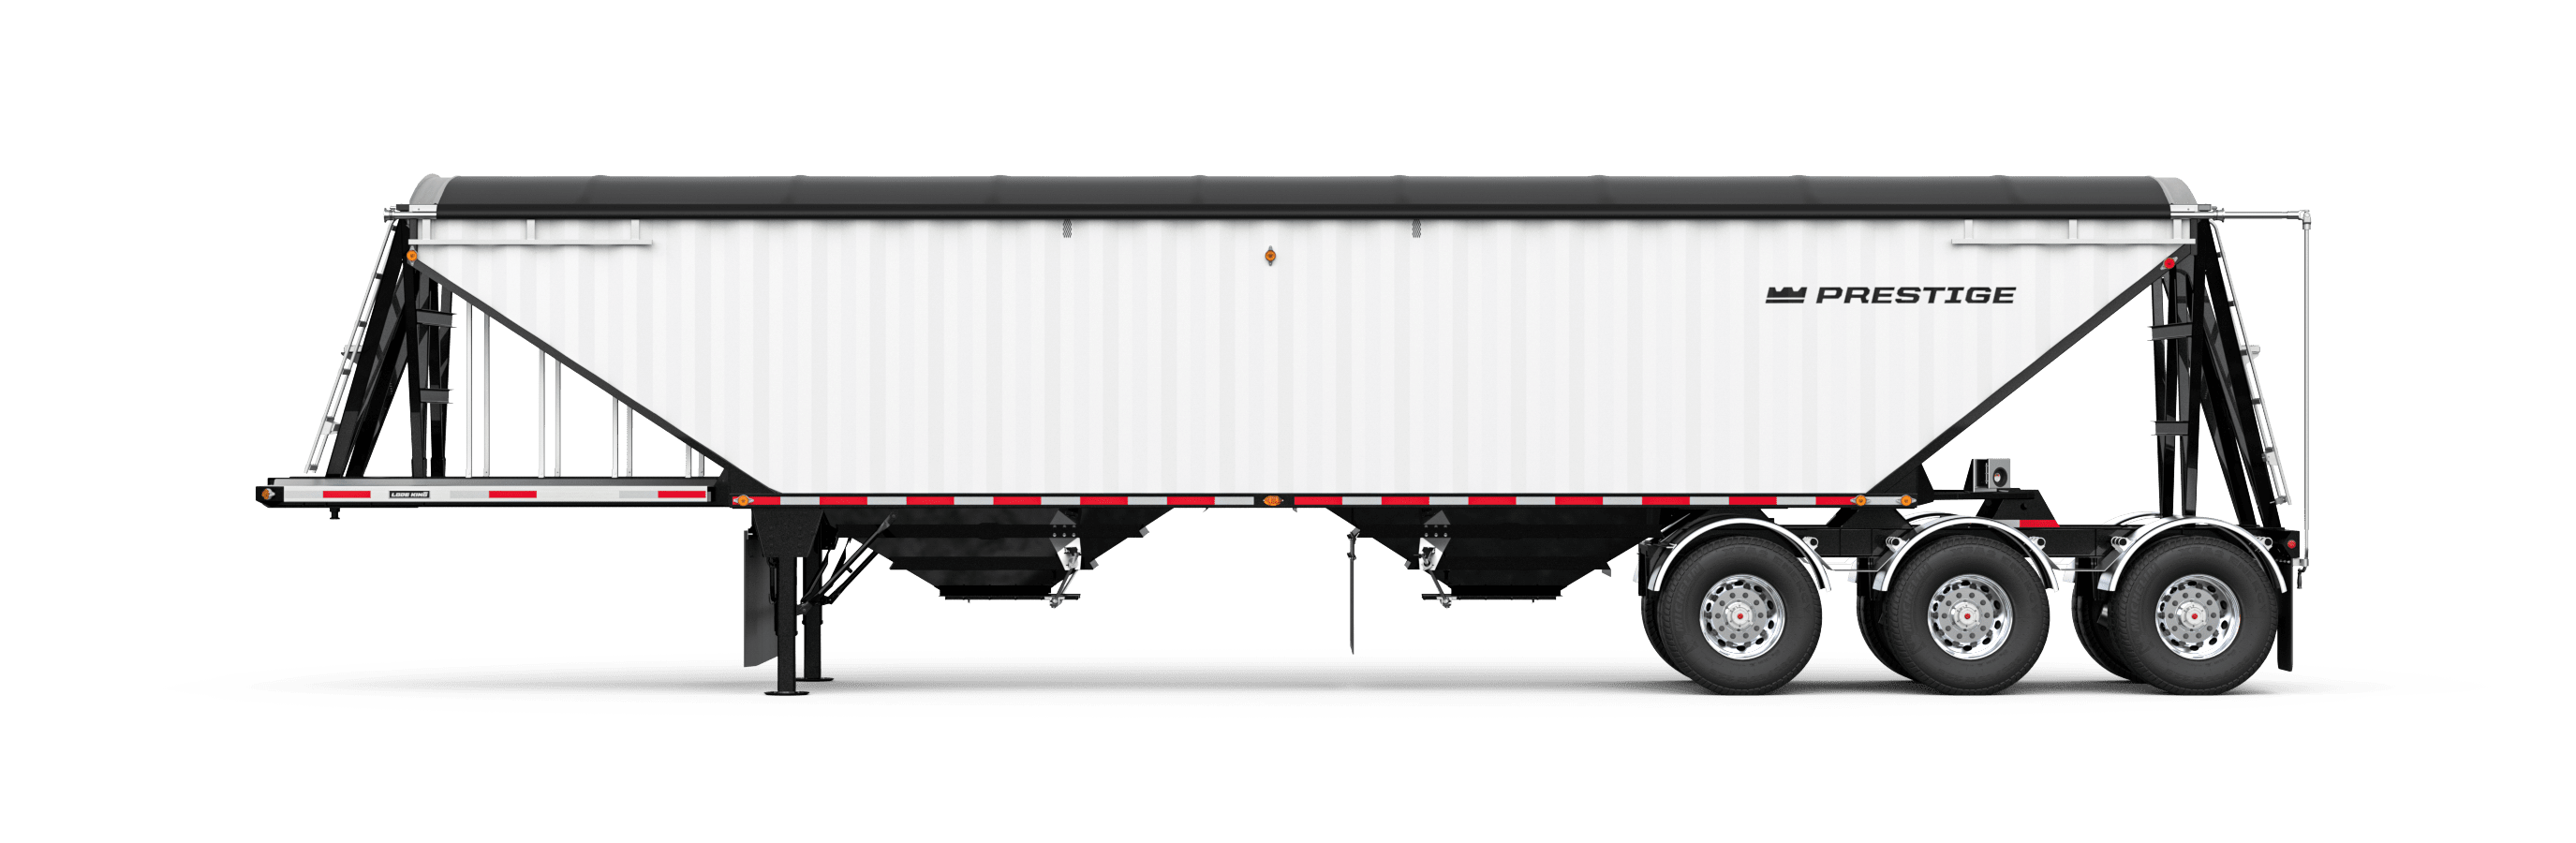 Prestige Tri-Axle